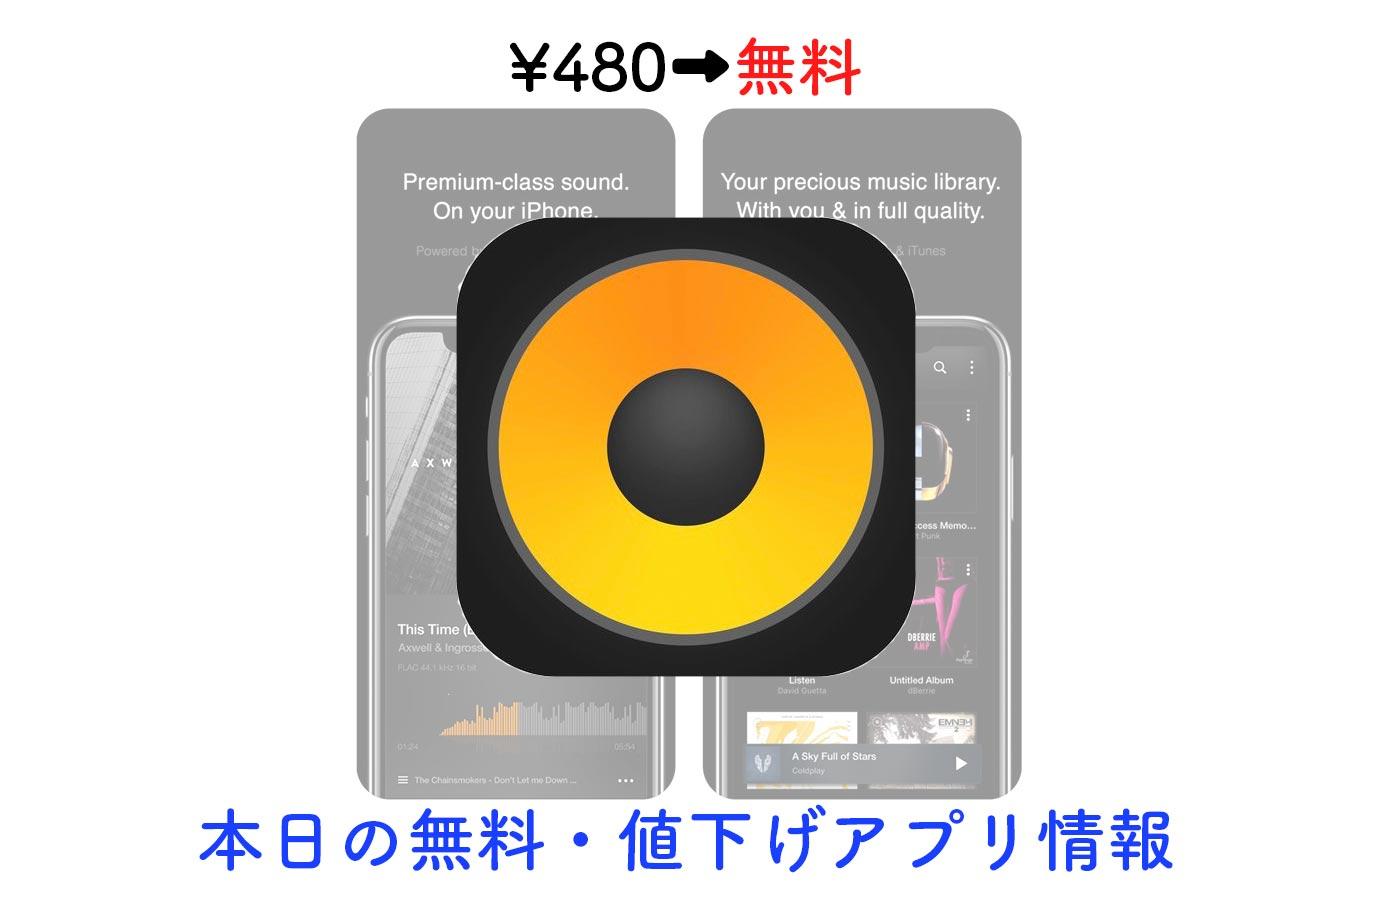 ¥480→無料、ハイレゾ音源対応高音質音楽プレイヤー「VOX」など【2/18】本日の無料・値下げアプリ情報